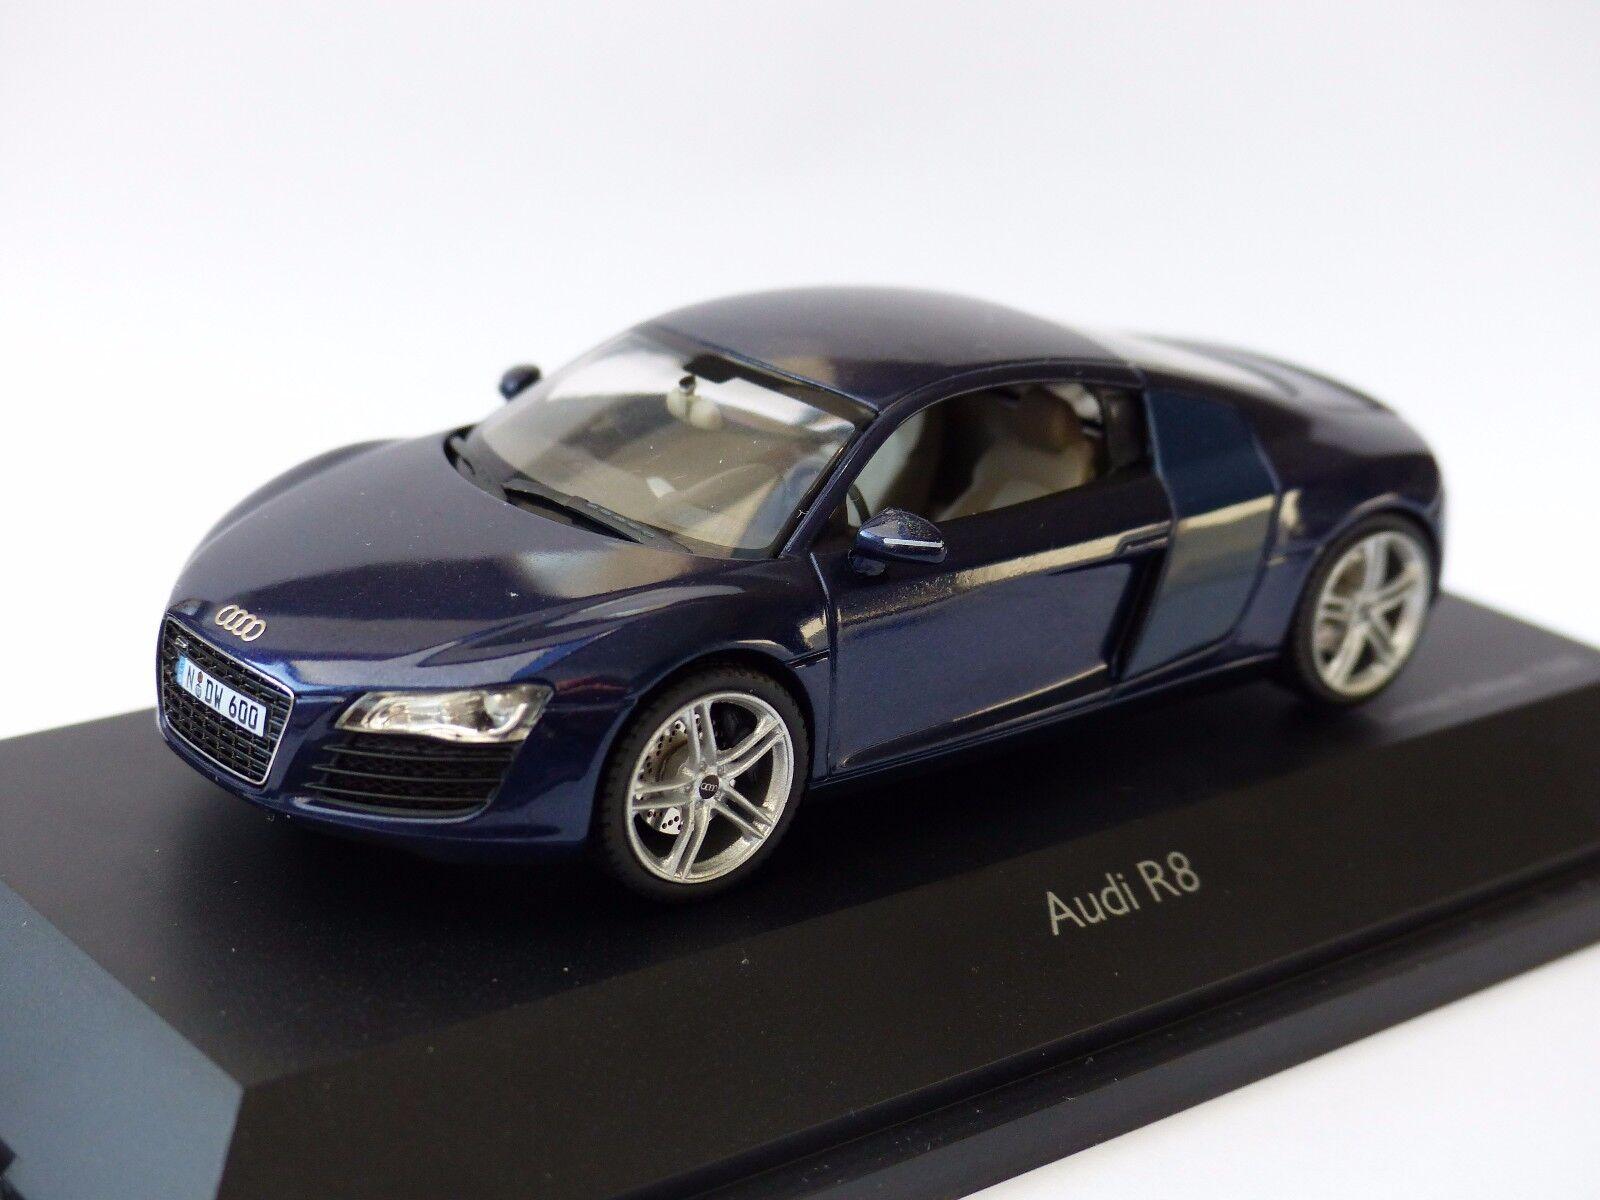 Audi r8 Quattro Mugello Bleu Limited Edition 1.500 pièce 1 43 Nouveau neuf dans sa boîte SCHUCO